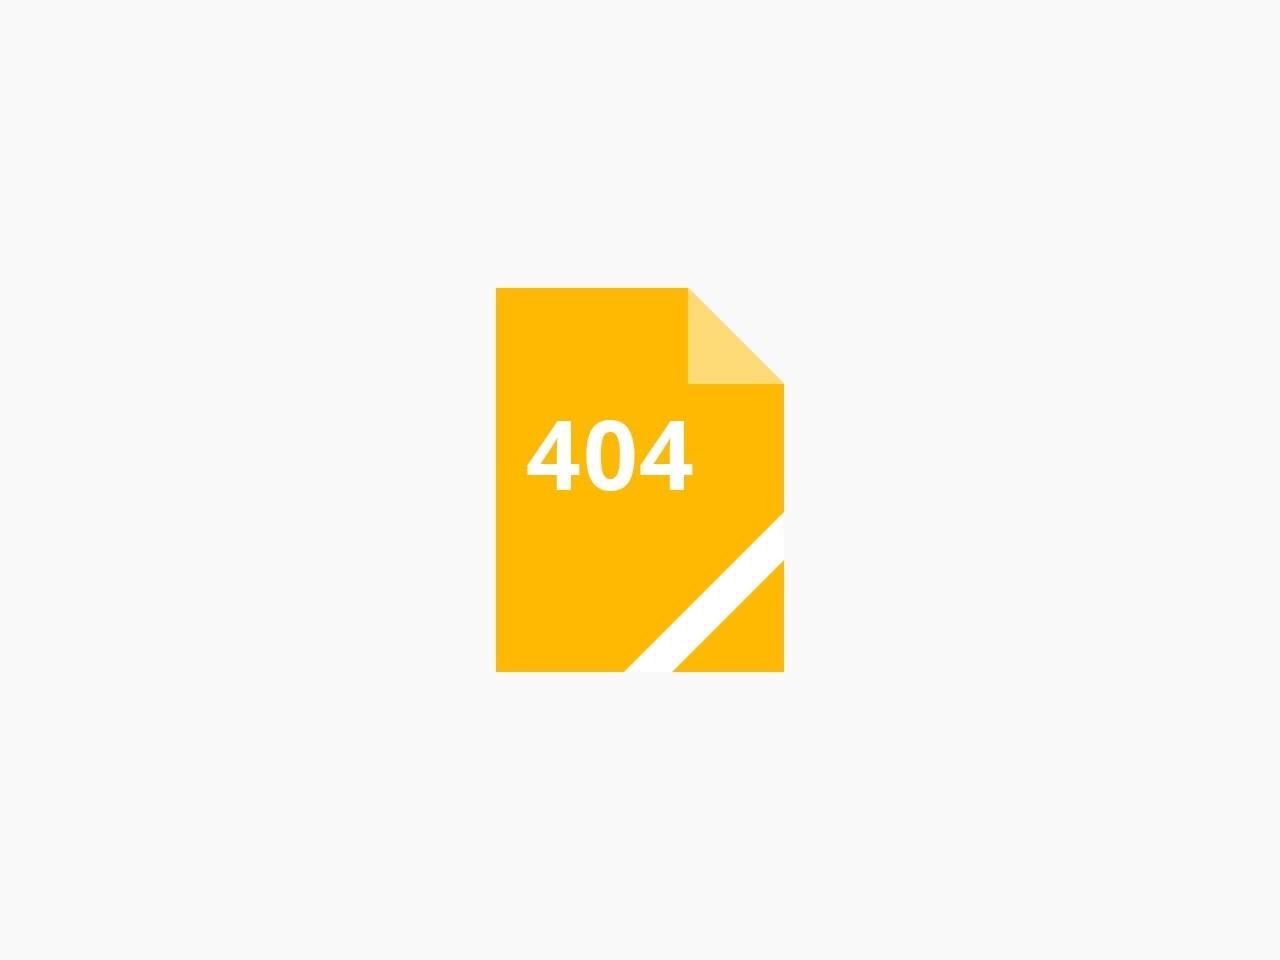 香港卫生署